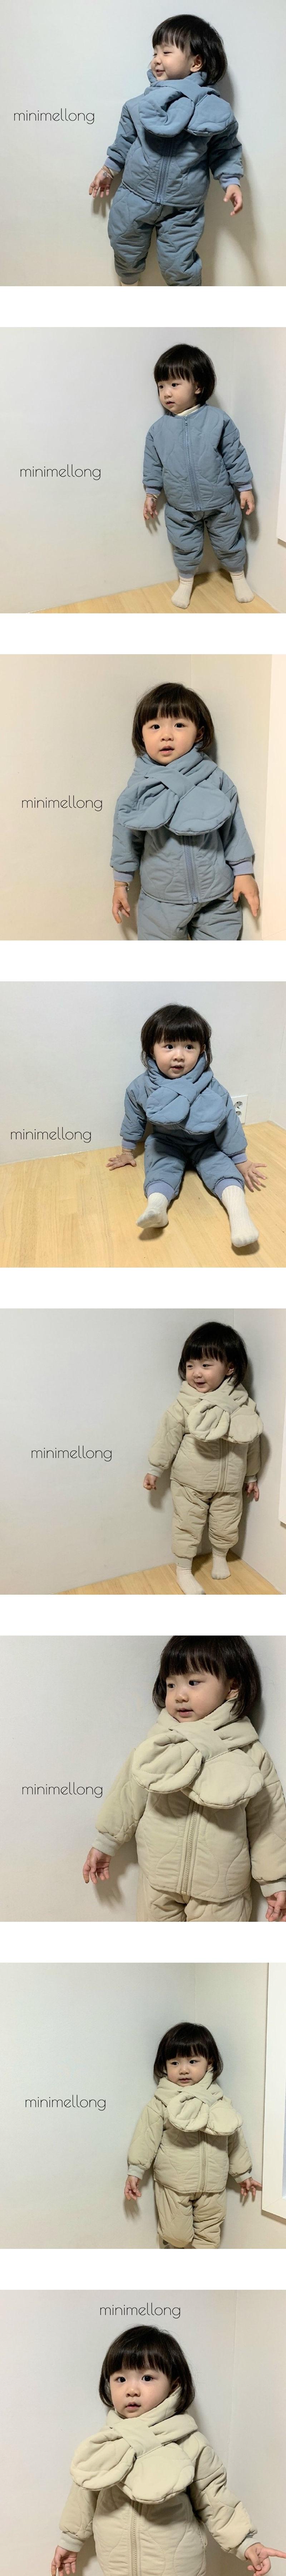 MINIMELLONG - Korean Children Fashion - #Kfashion4kids - Quilting Top Bottom Set with Neck Warmer